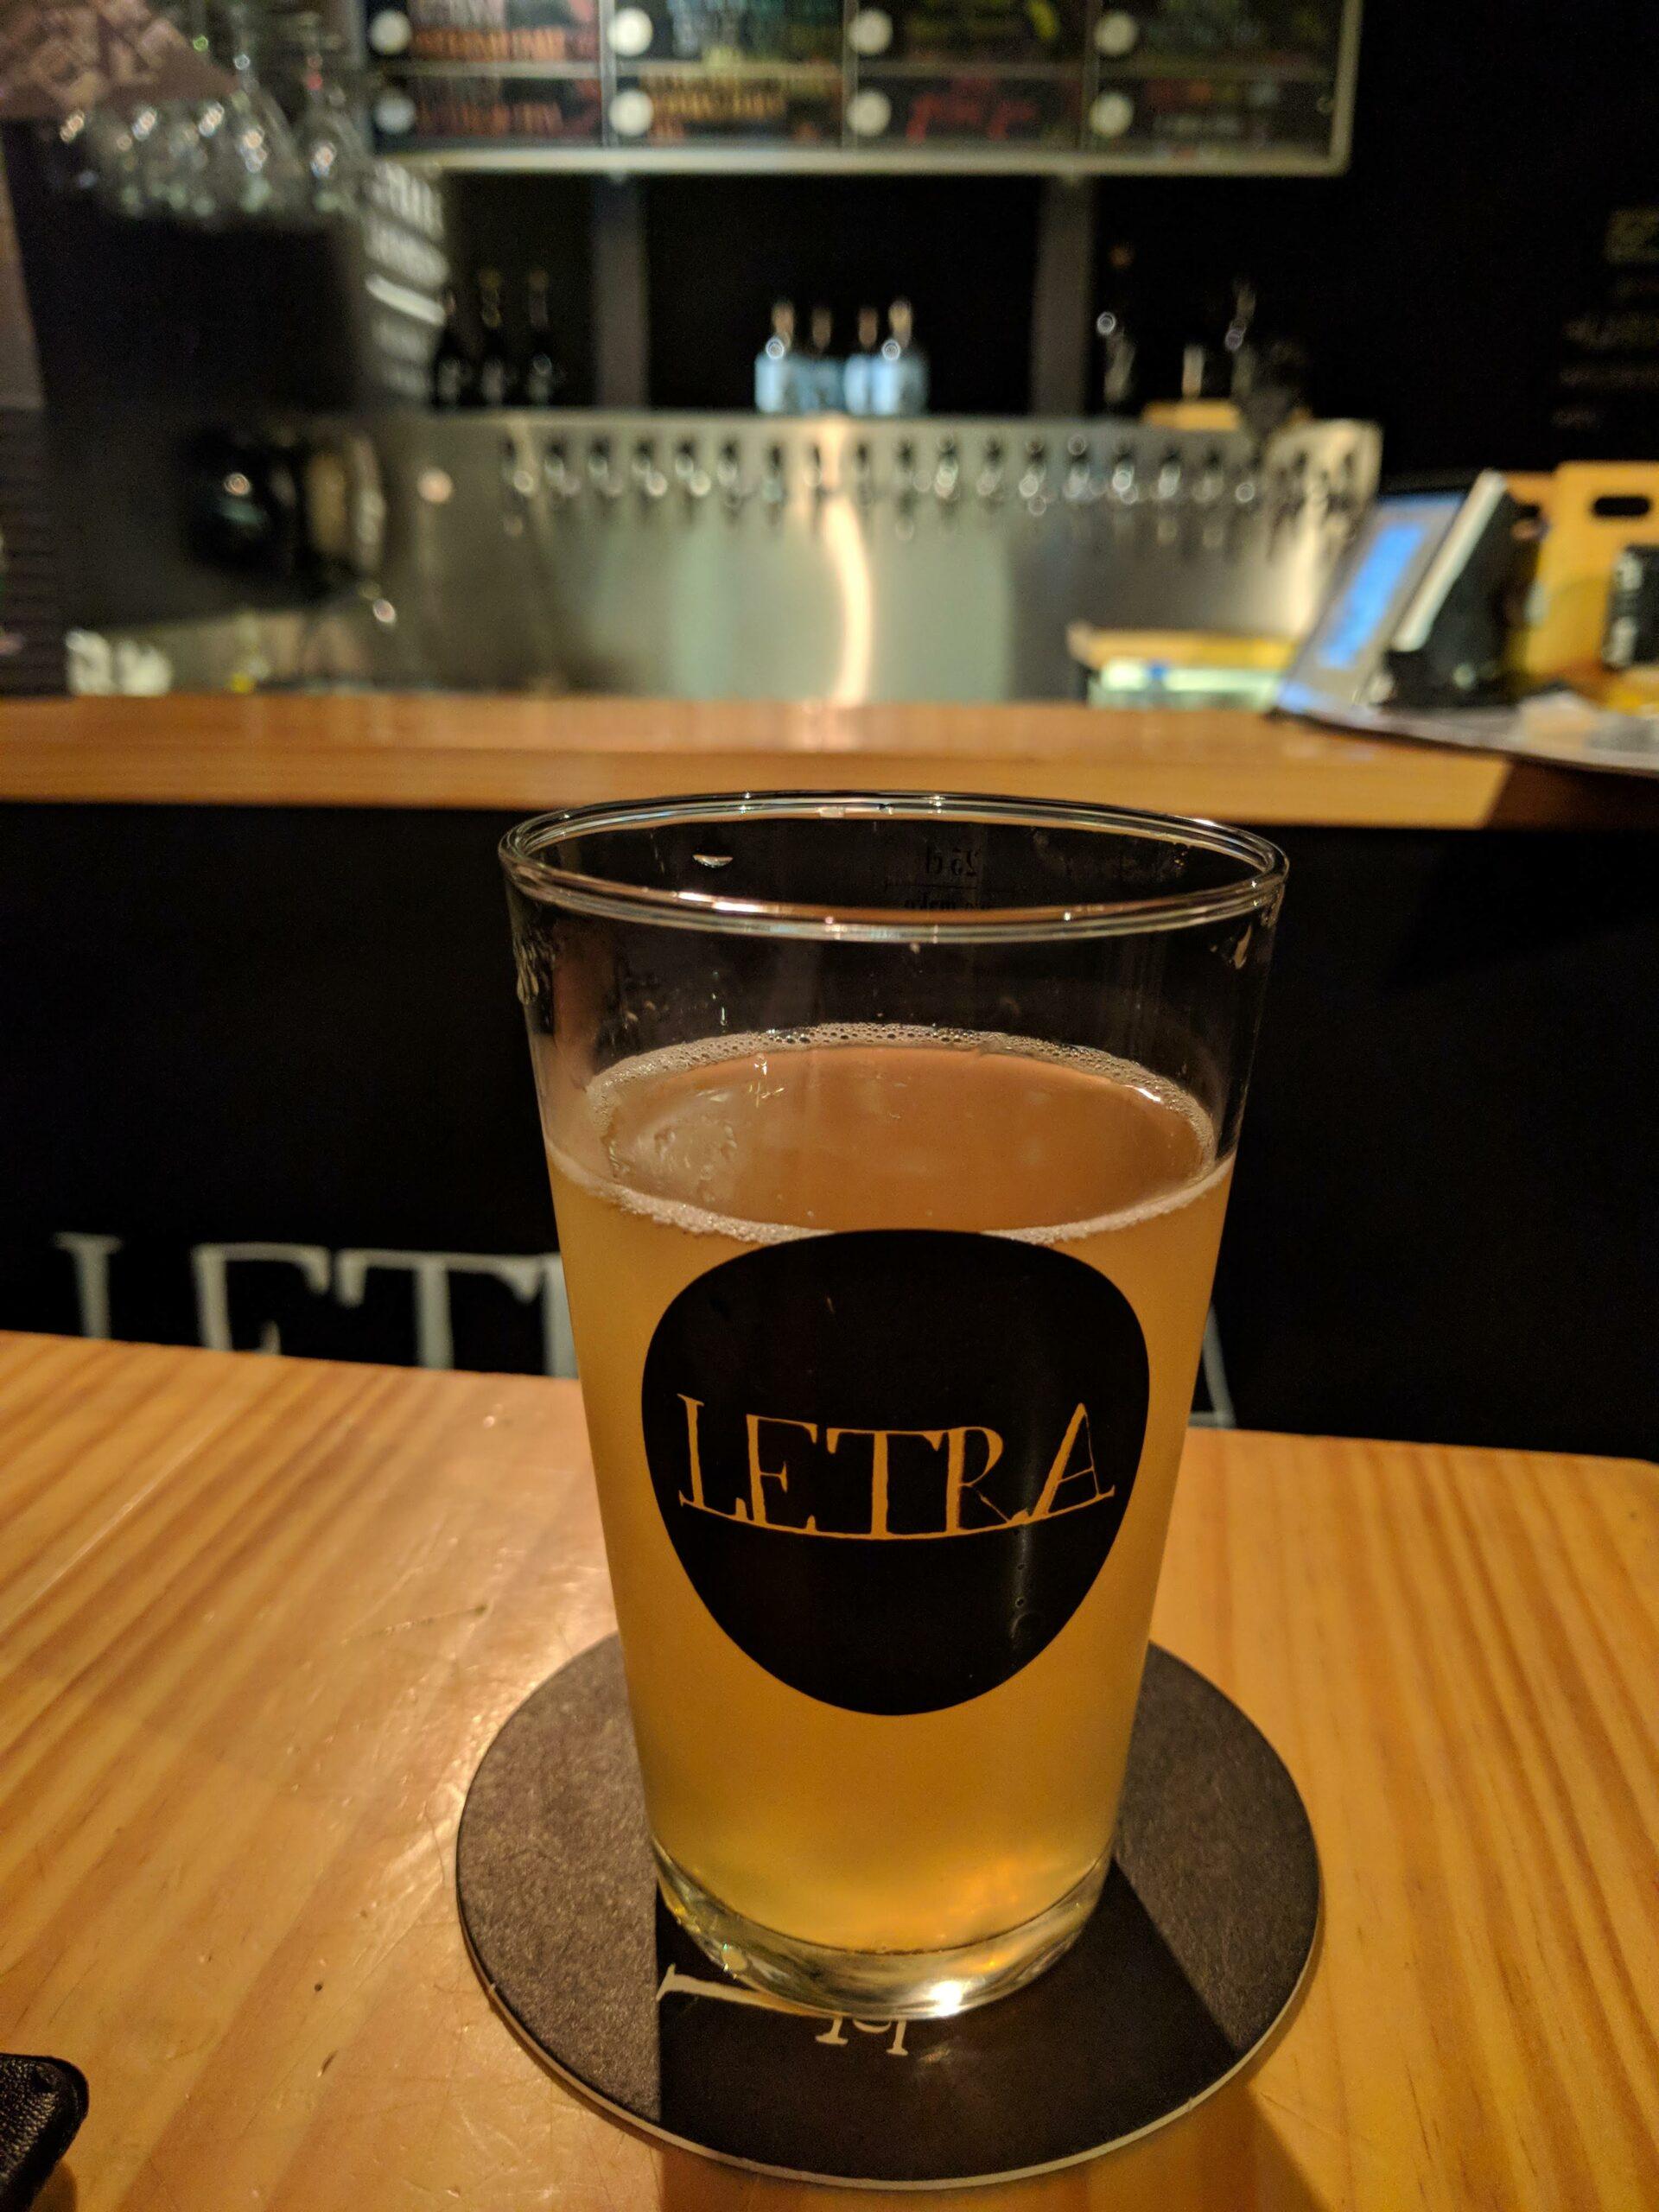 Porto-Portugal-Letra-Craft-Beer